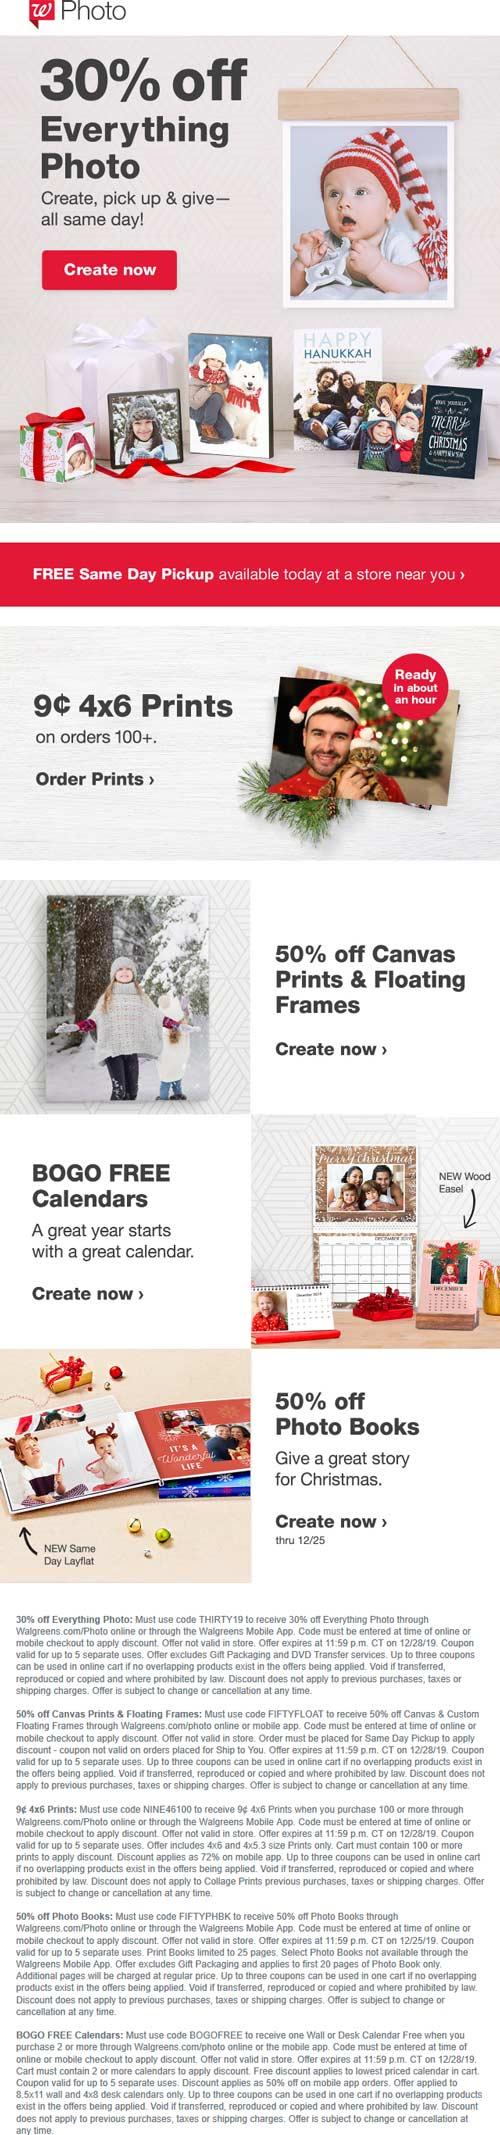 Walgreens Coupon January 2020 Same-day custom photo gifts 30-50% off at Walgreens